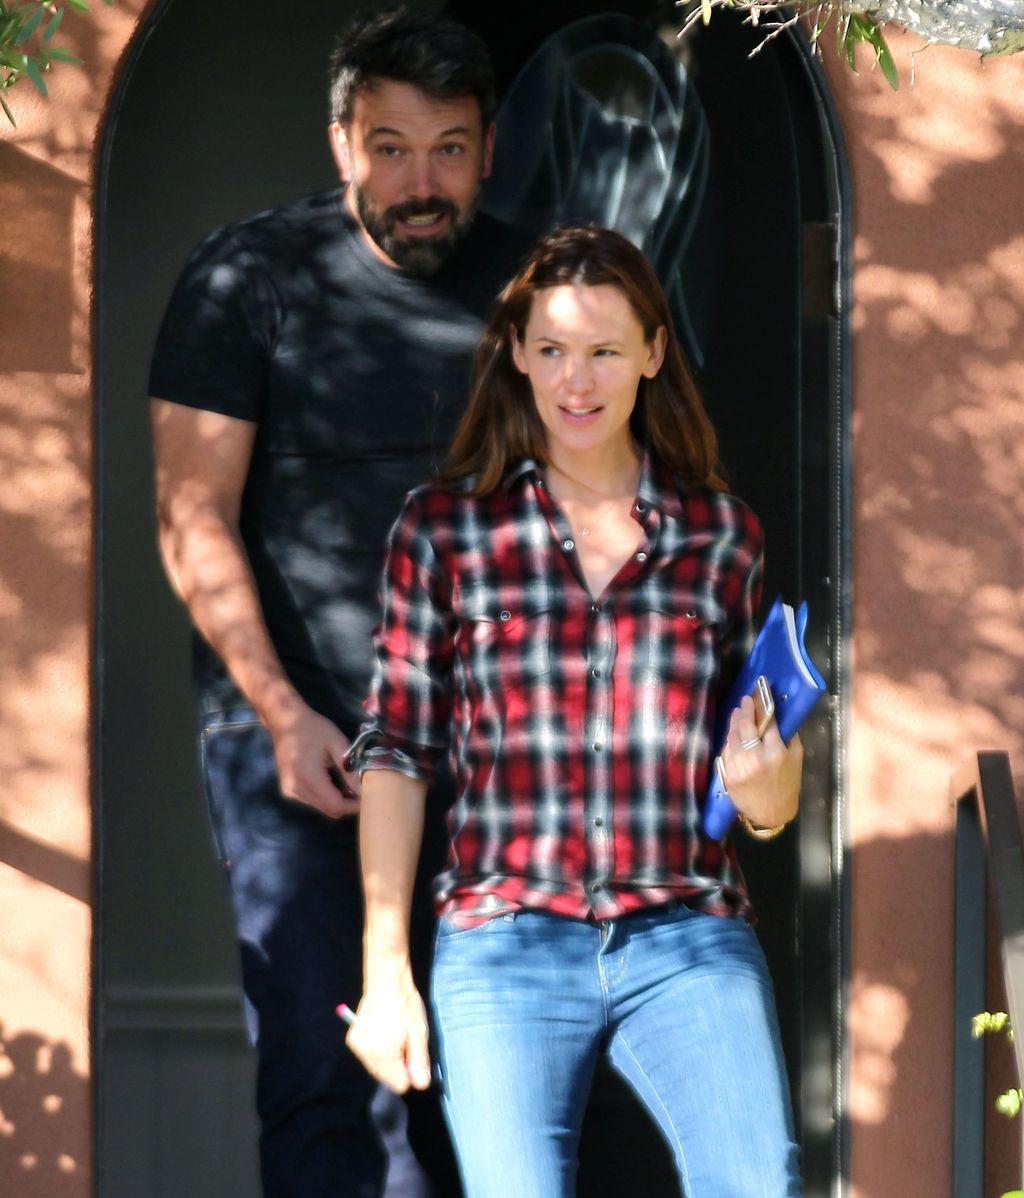 El matrimonio formado por Ben Affleck y Jennifer Garner busca una segunda oportunidad